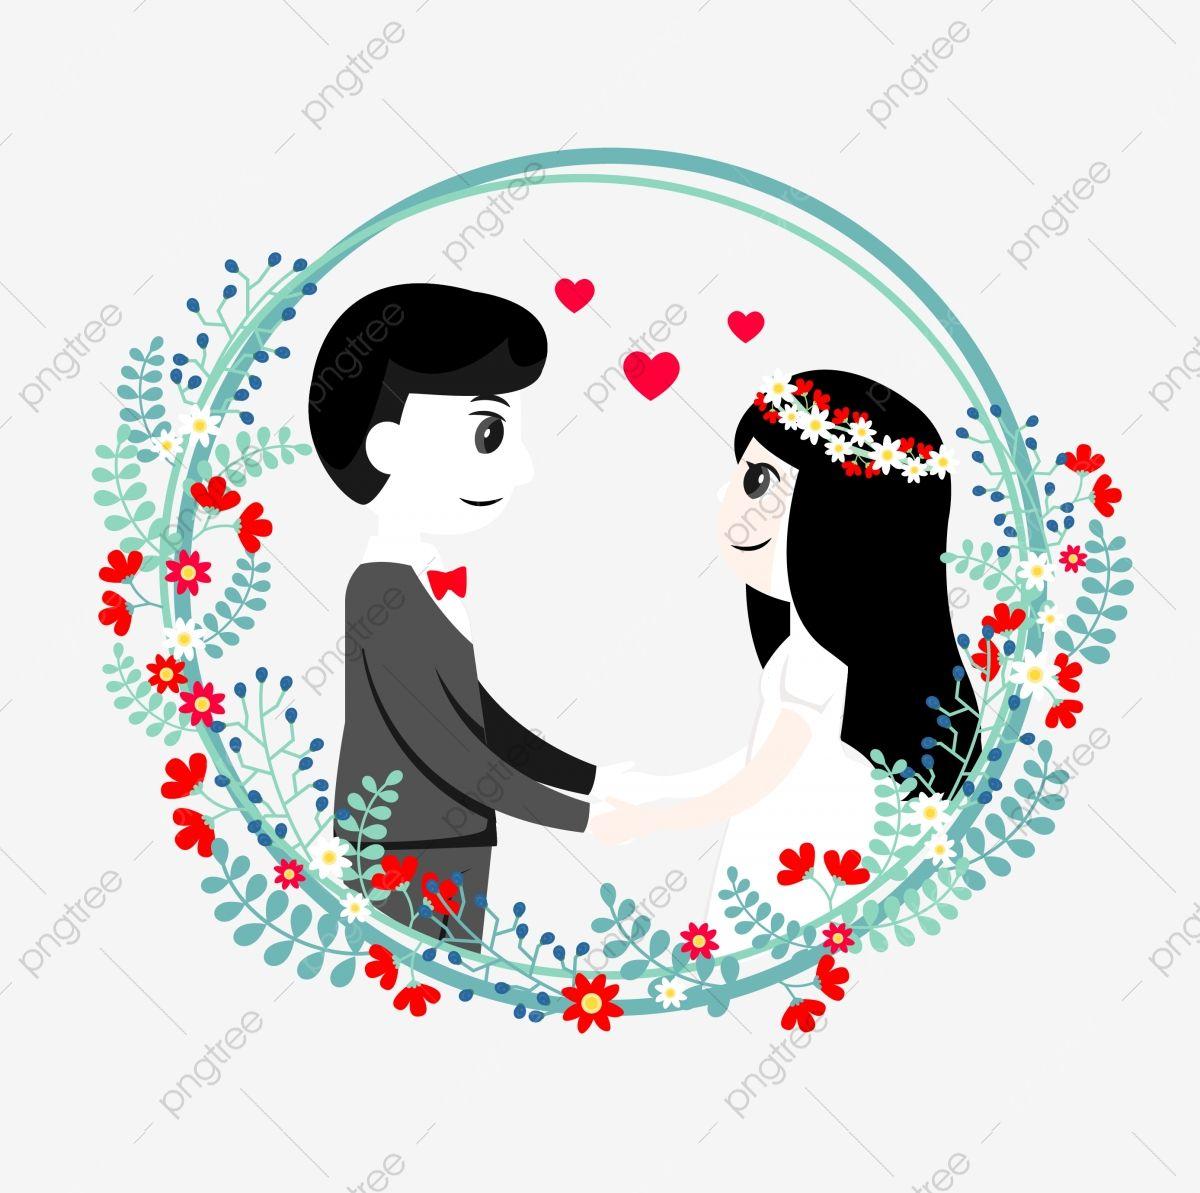 عروس العريس العروس الكرتون العريس الكرتون العروس حب أحمر Png والمتجهات للتحميل مجانا Bride And Groom Cartoon Bride Cartoon Graphic Design Background Templates